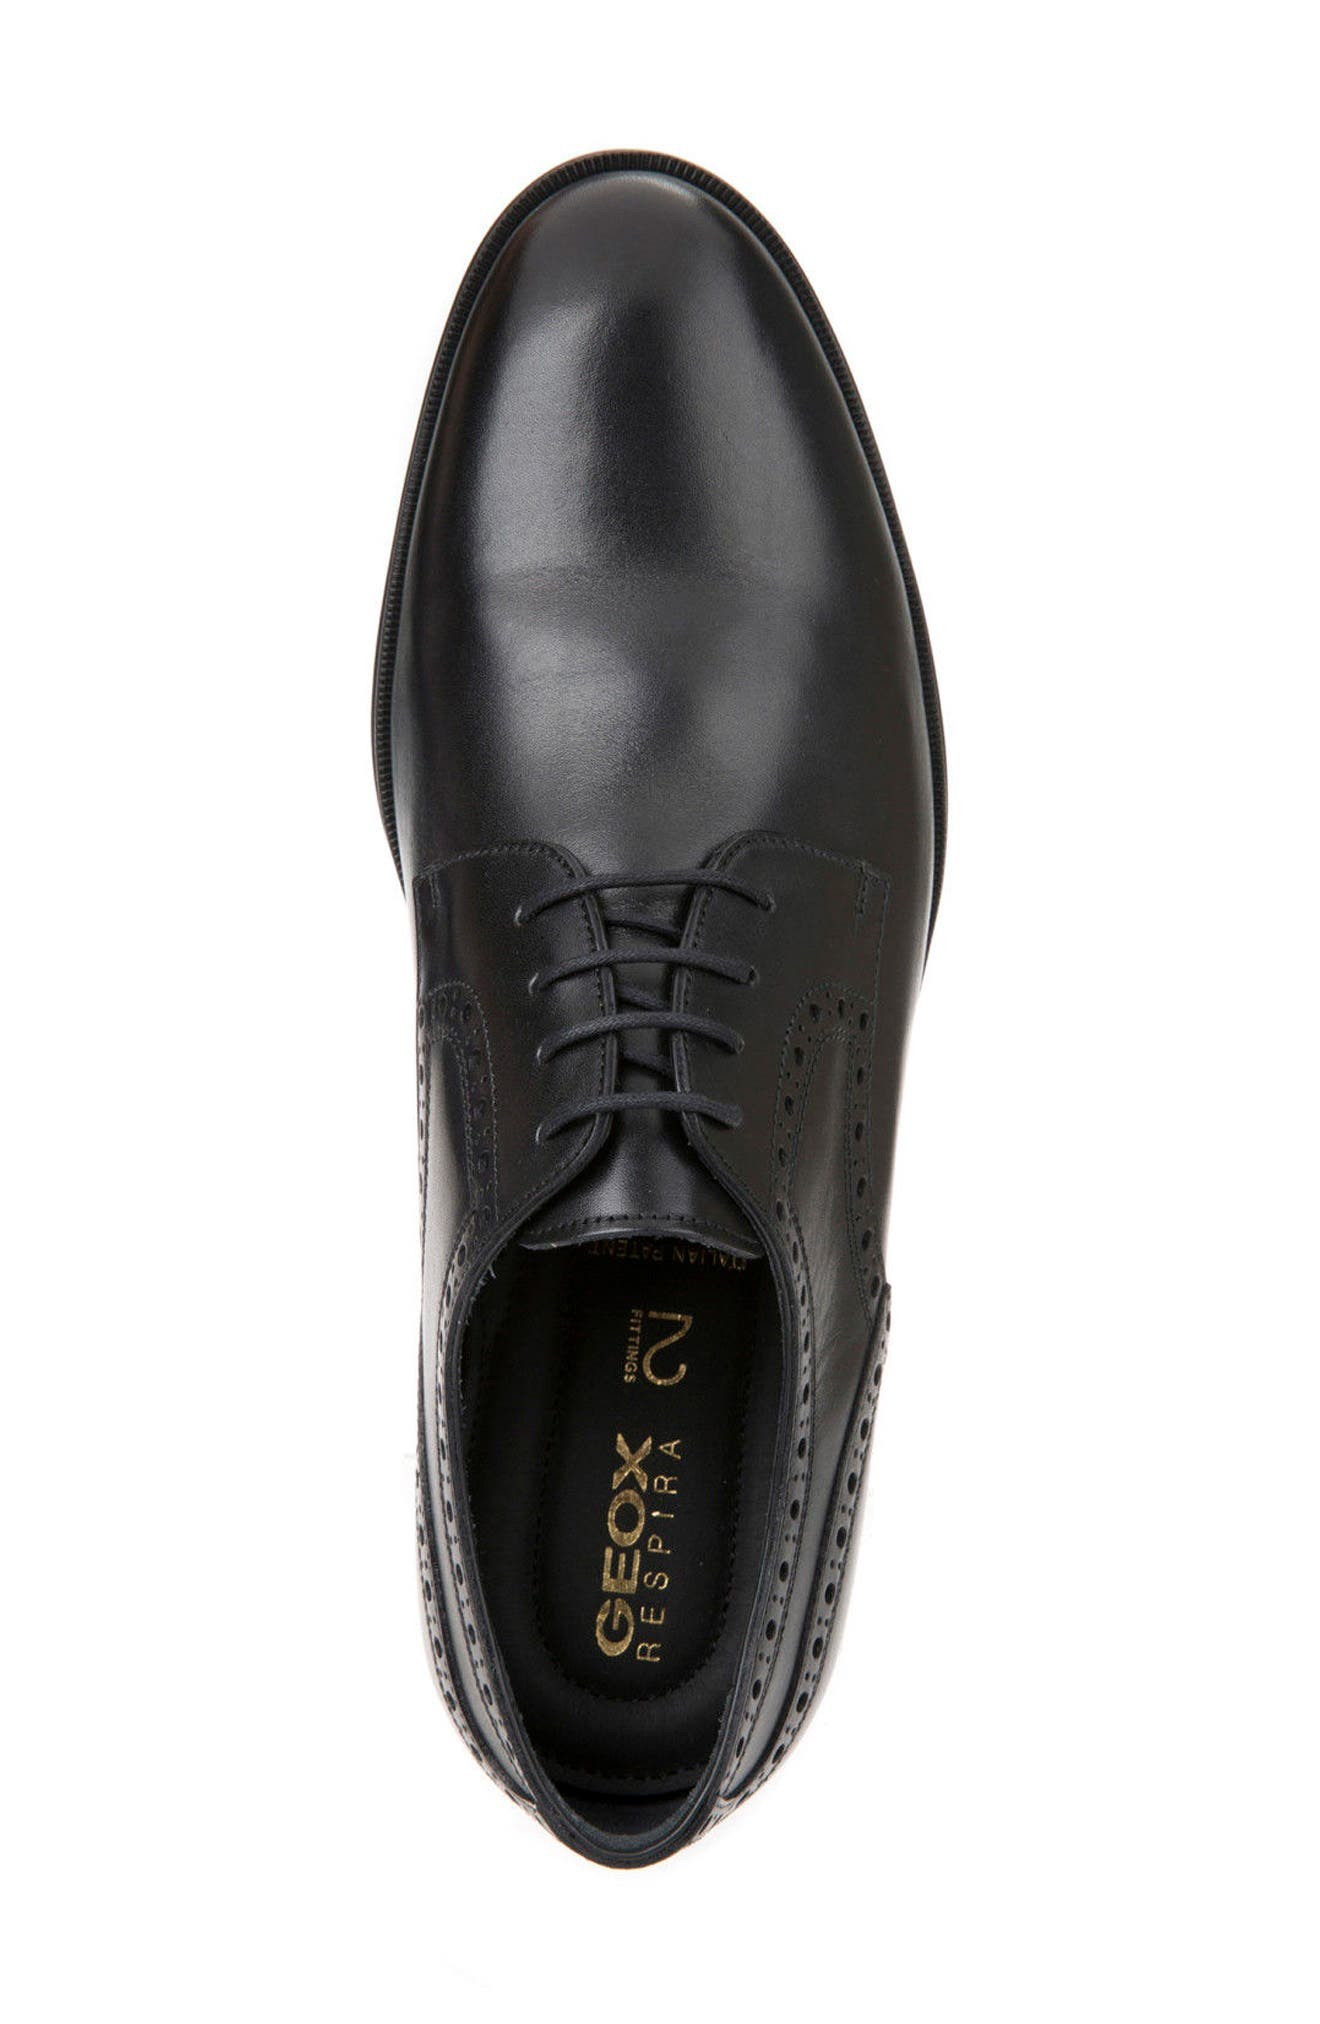 Hilstone 3 Plain Toe Derby,                             Alternate thumbnail 5, color,                             Black Leather